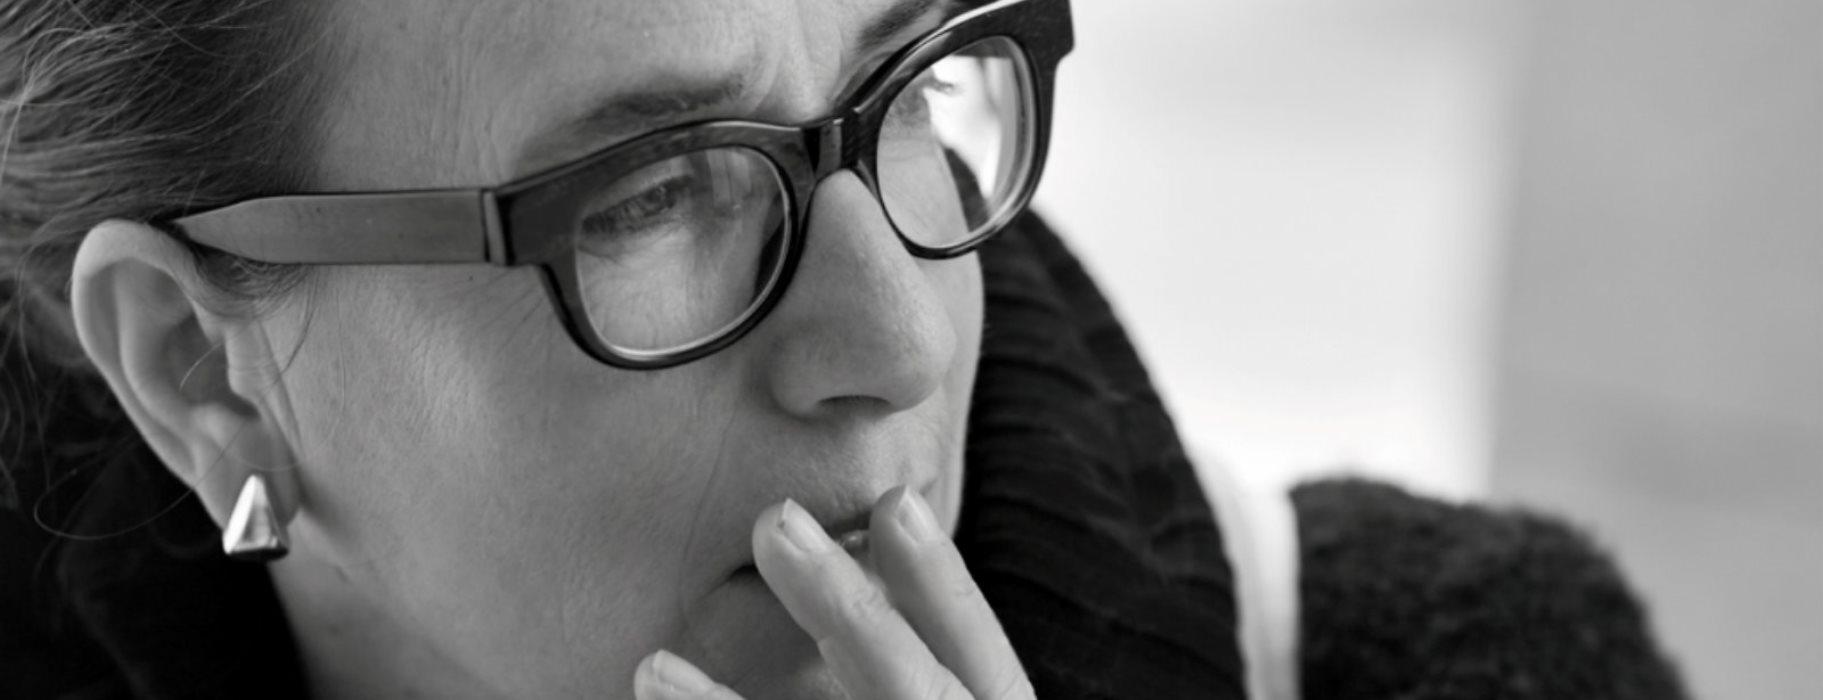 «Πάμε Κάπου» Με Την Λίνα Νικολακοπούλου | Δευτέρα 16 Σεπτεμβρίου στο Κηποθέατρο Παπάγου